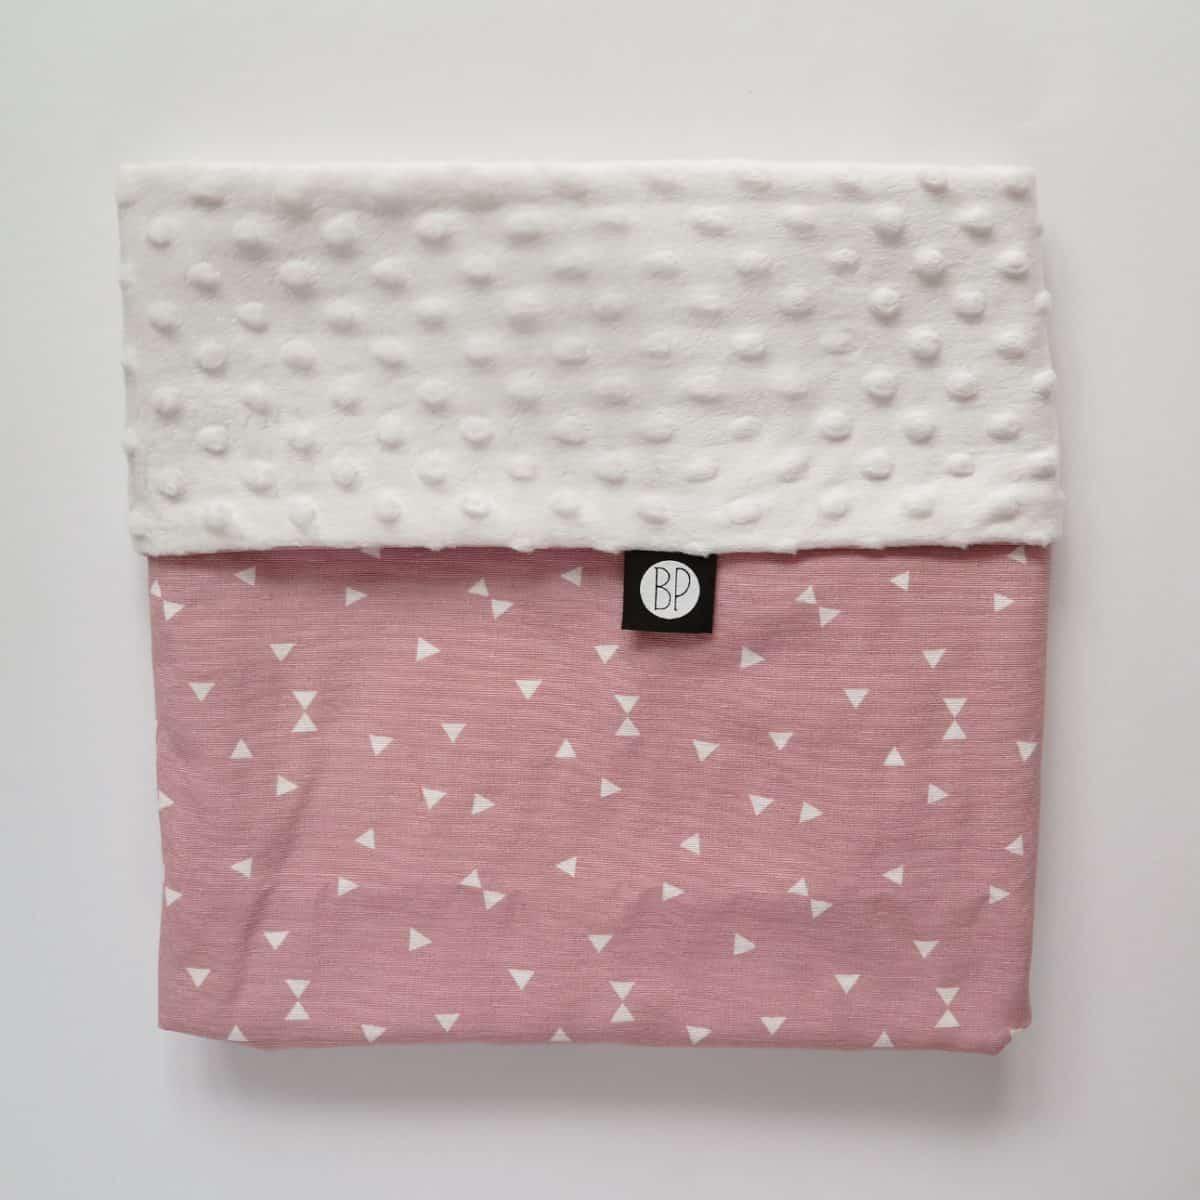 Wikkeldoek in minky ecru en roze voor de baby